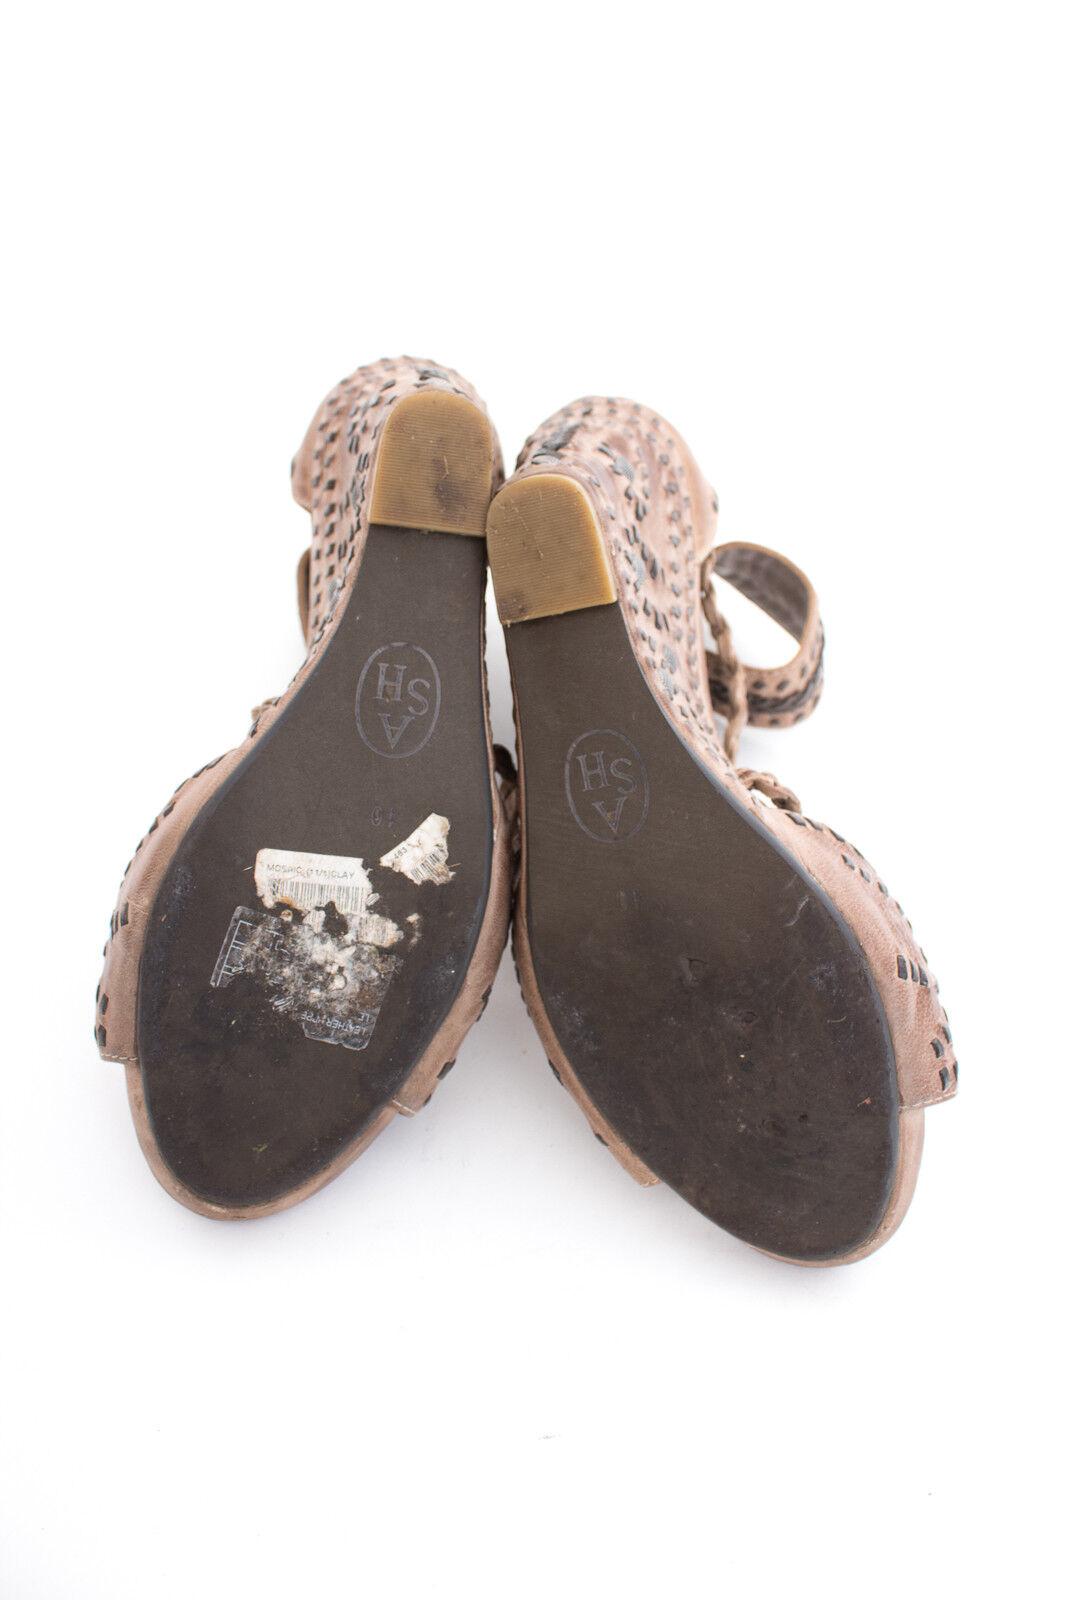 ASH Sandaletten Gr. EU 40 Damen Schuhe High Heels Pumps Shoes Braun Leder